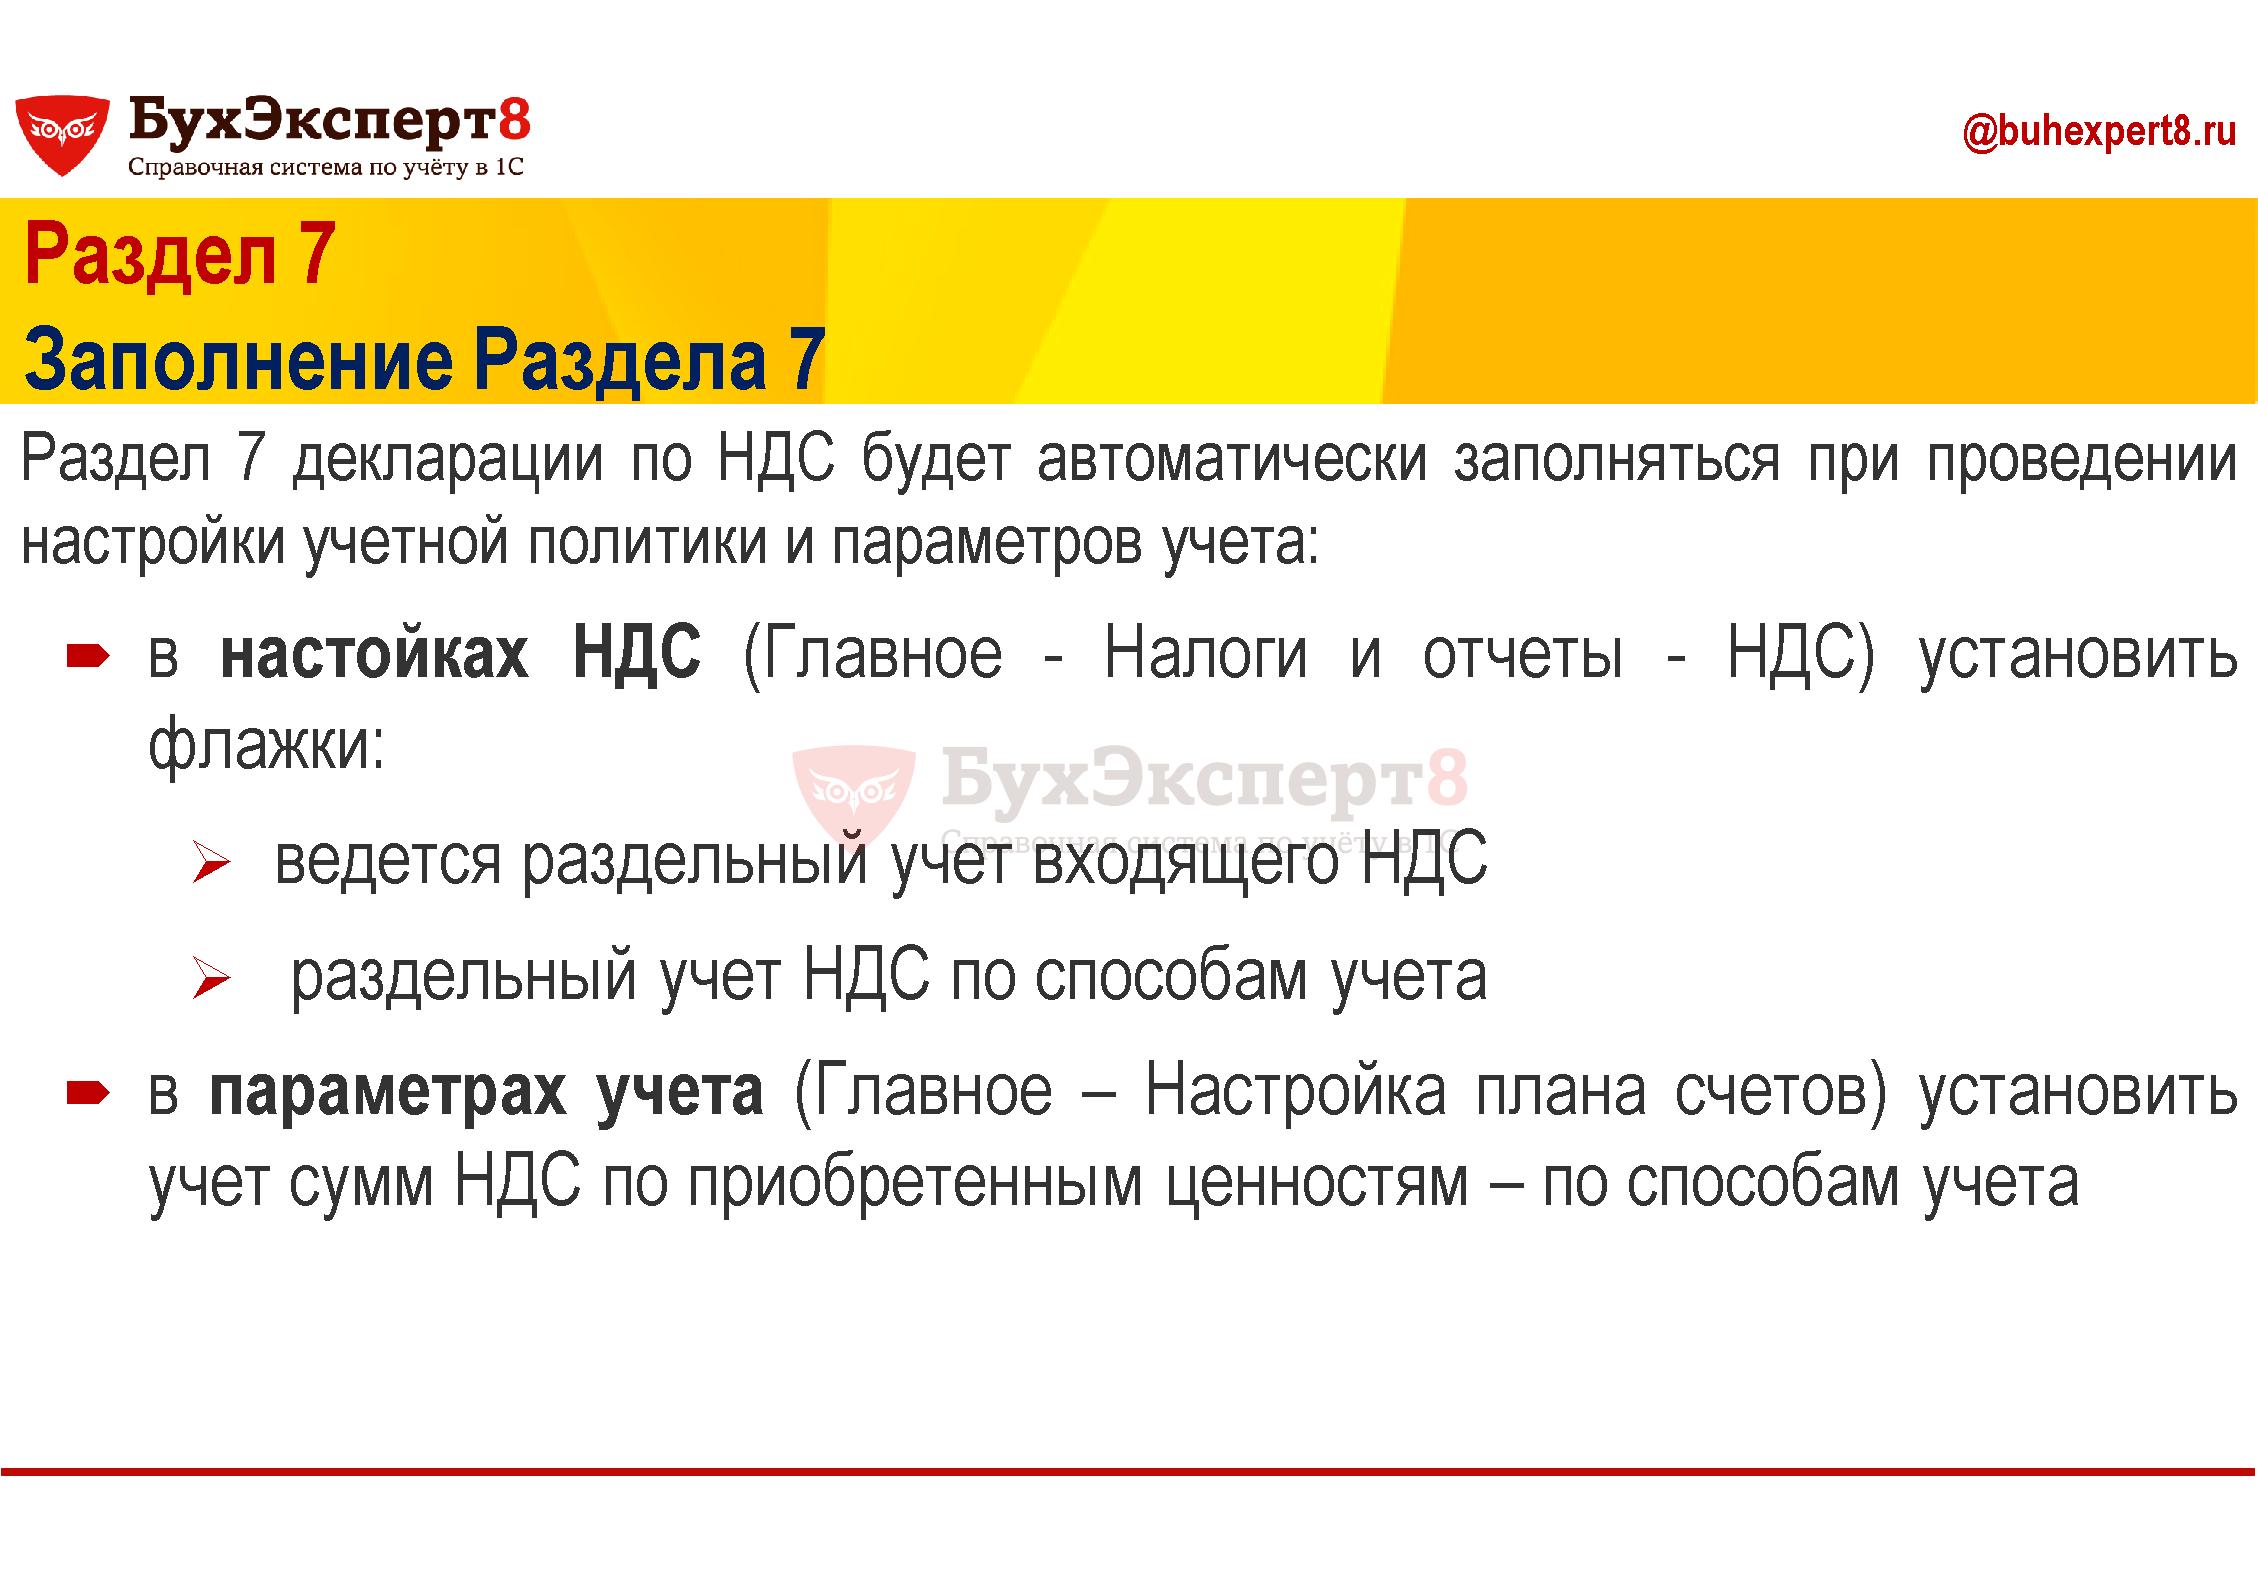 Раздел 7 Заполнение Раздела 7 Раздел 7 декларации по НДС будет автоматически заполняться при проведении настройки учетной политики и параметров учета: в настойках НДС (Главное - Налоги и отчеты - НДС) установить флажки: ведется раздельный учет входящего НДС раздельный учет НДС по способам учета в параметрах учета (Главное – Настройка плана счетов) установить учет сумм НДС по приобретенным ценностям – по способам учета